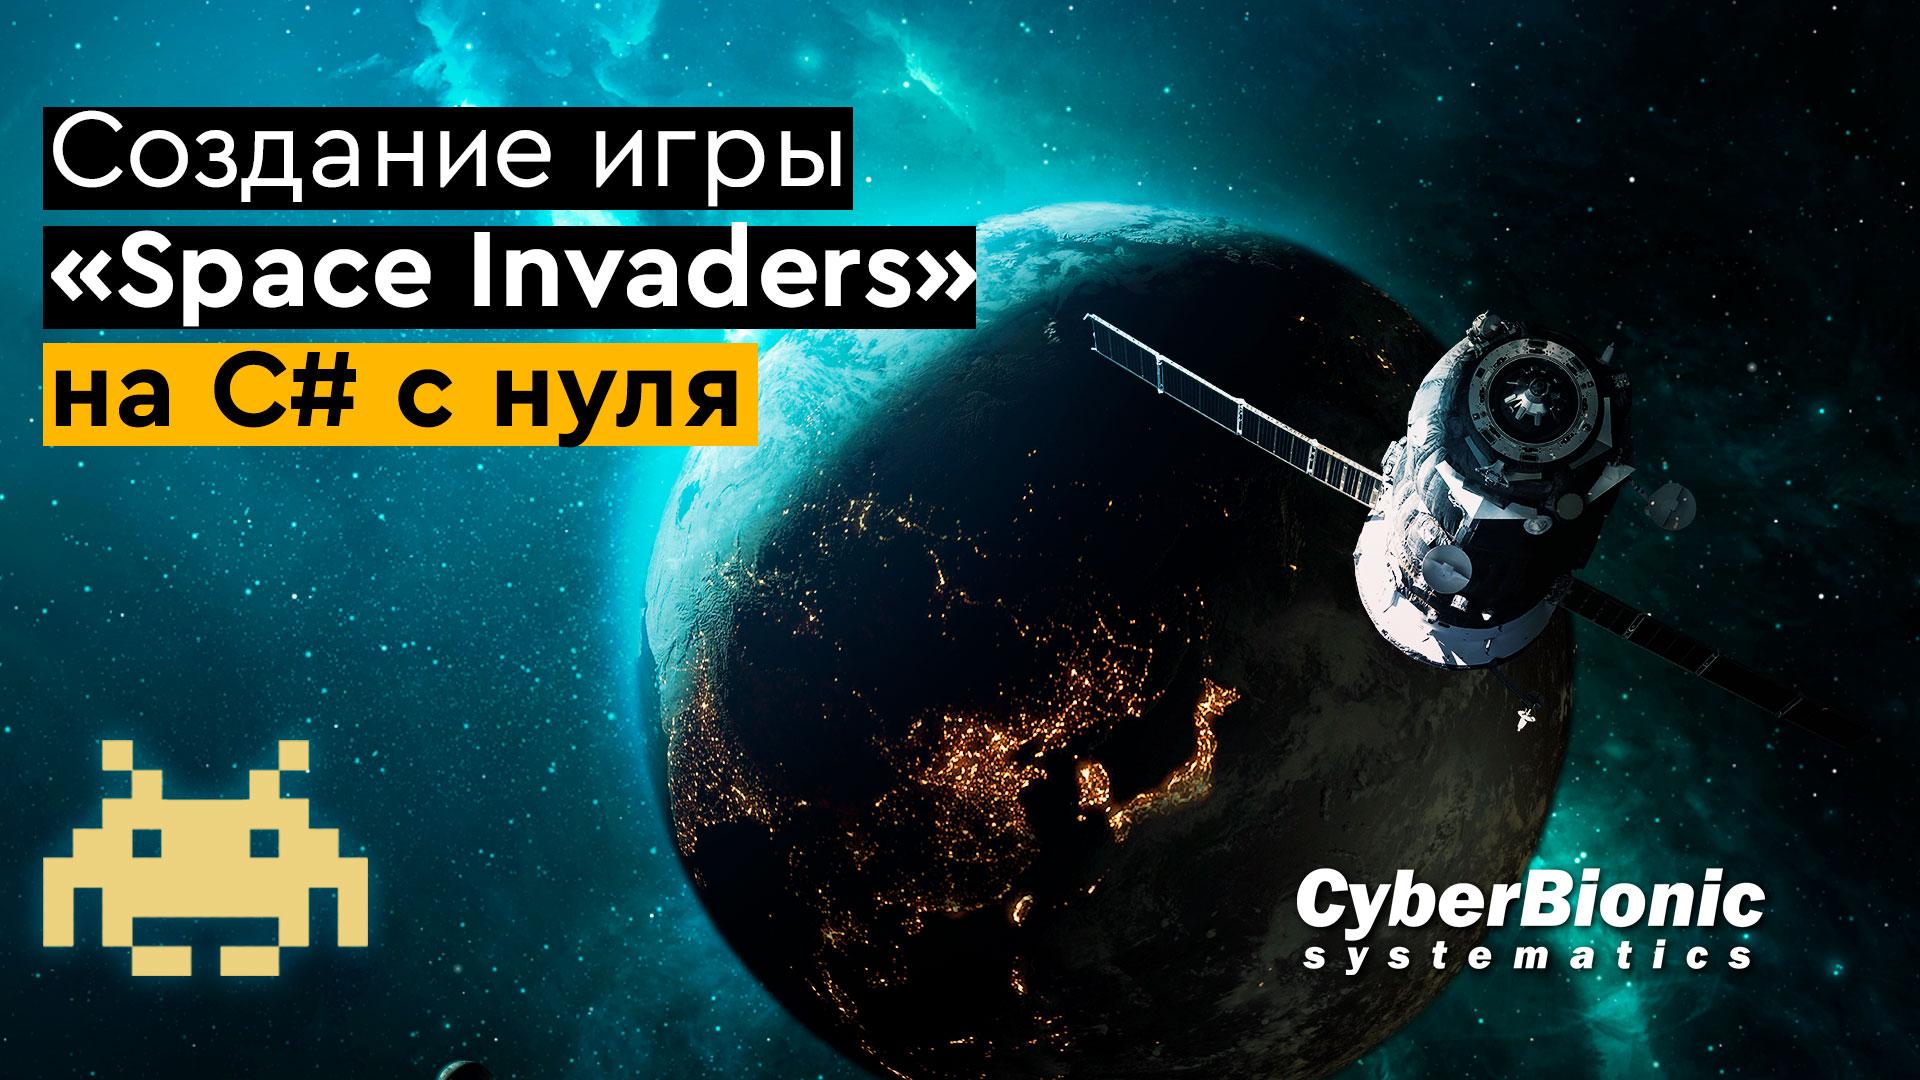 """Создание игры """"Space Invaders"""" на C# с нуля"""